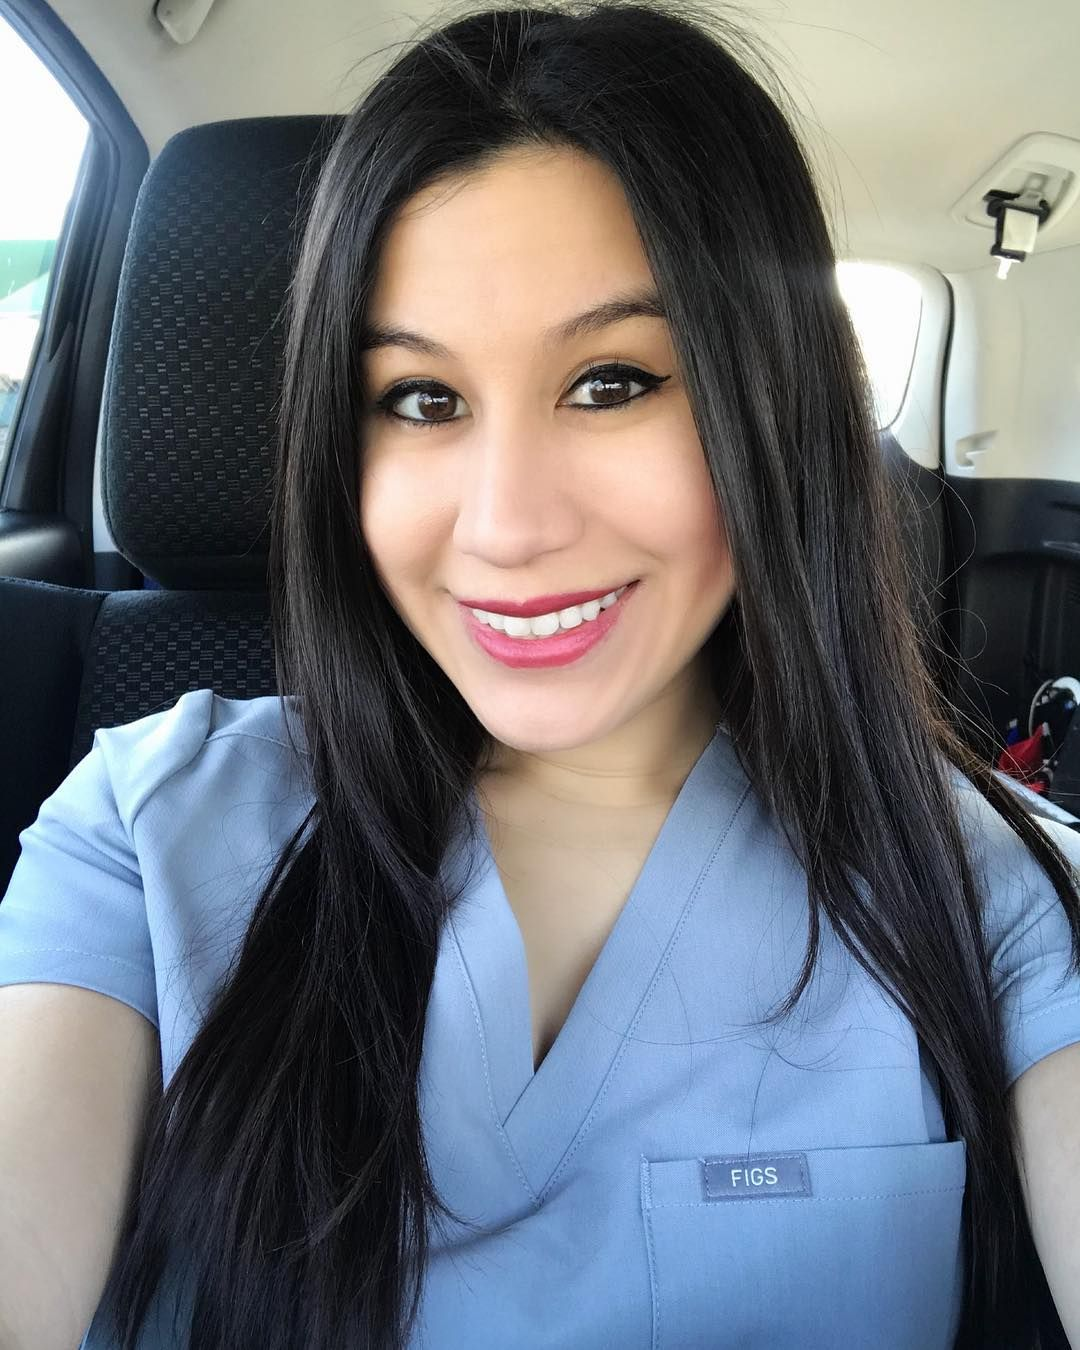 Hot nurse nurse nurses nursing realnurse